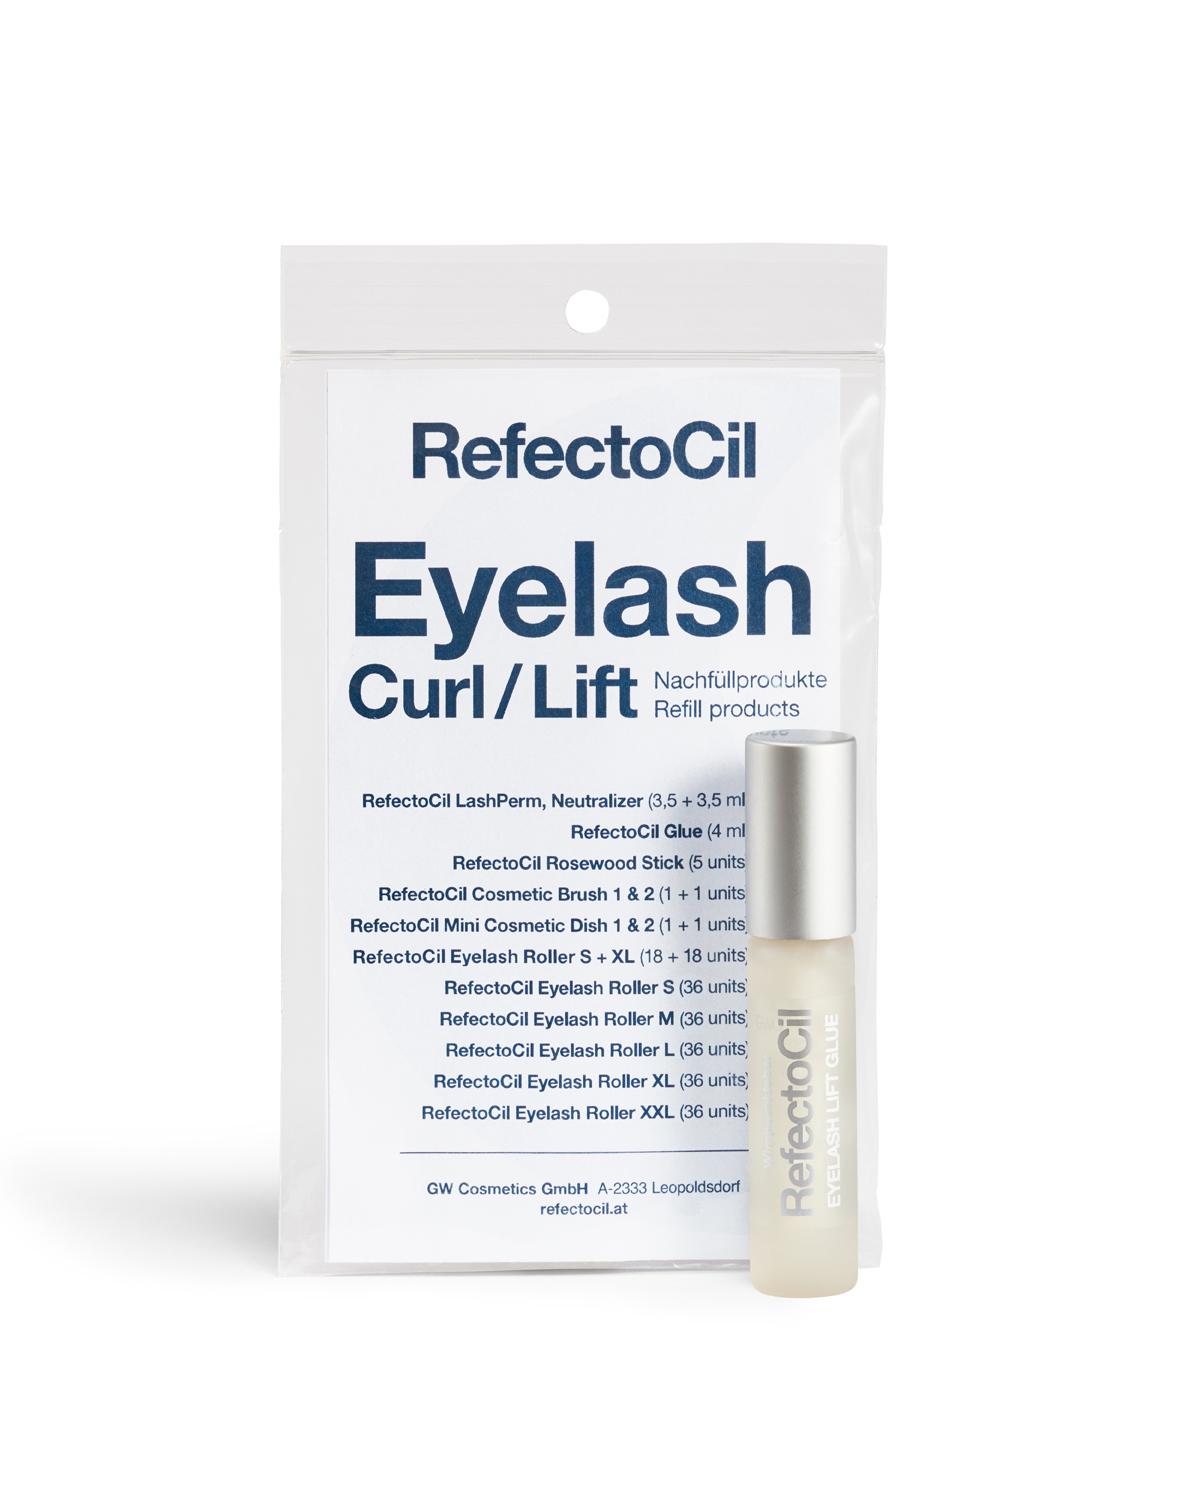 Eyelash Lash & Curl Refill - Glue